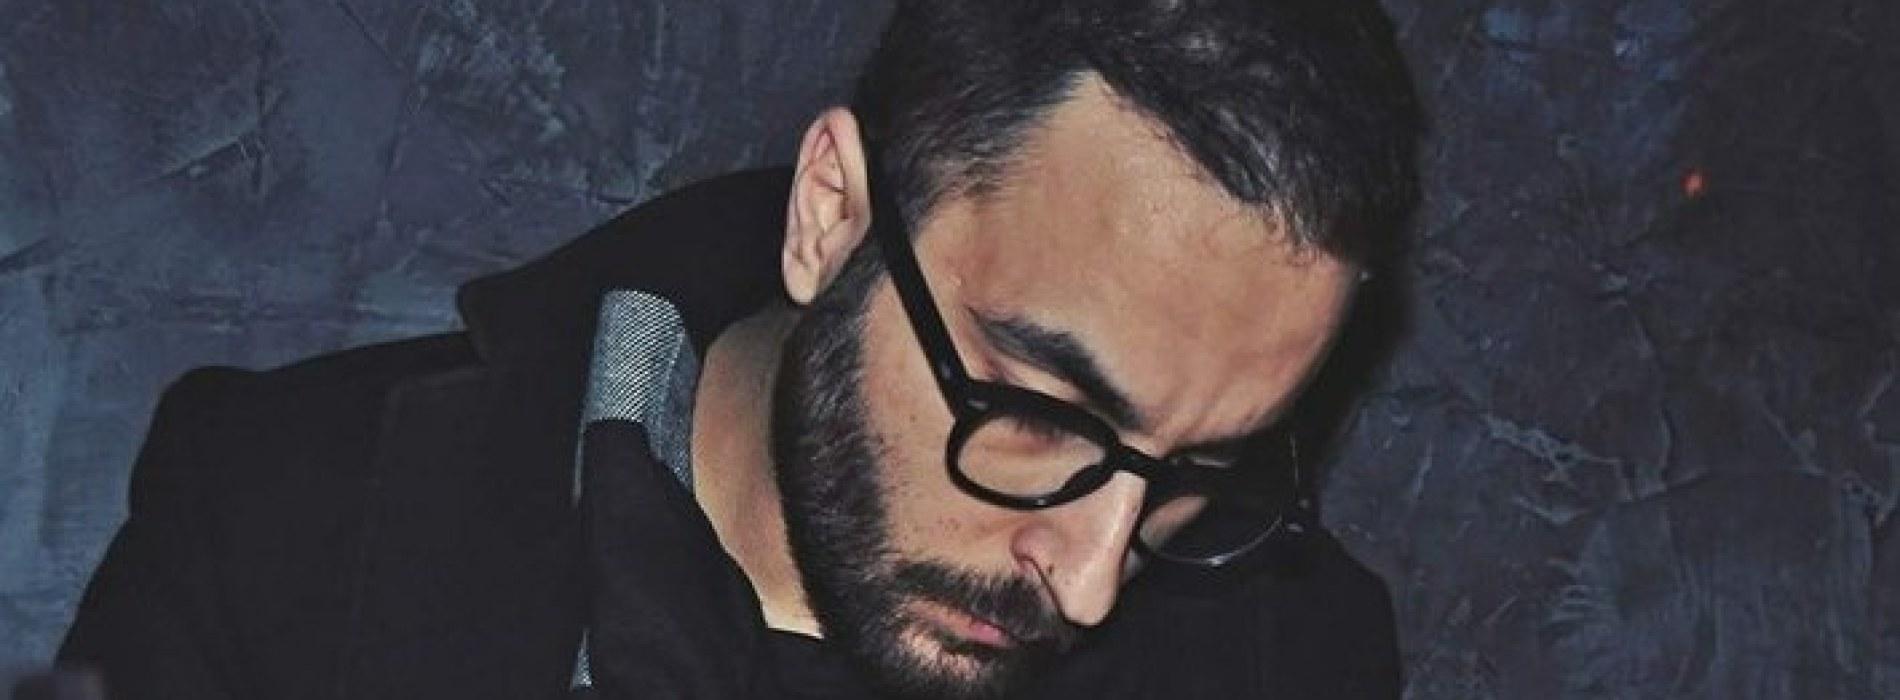 Osvaldo Frasari, uno scrittore tra parole note e videoproiezioni